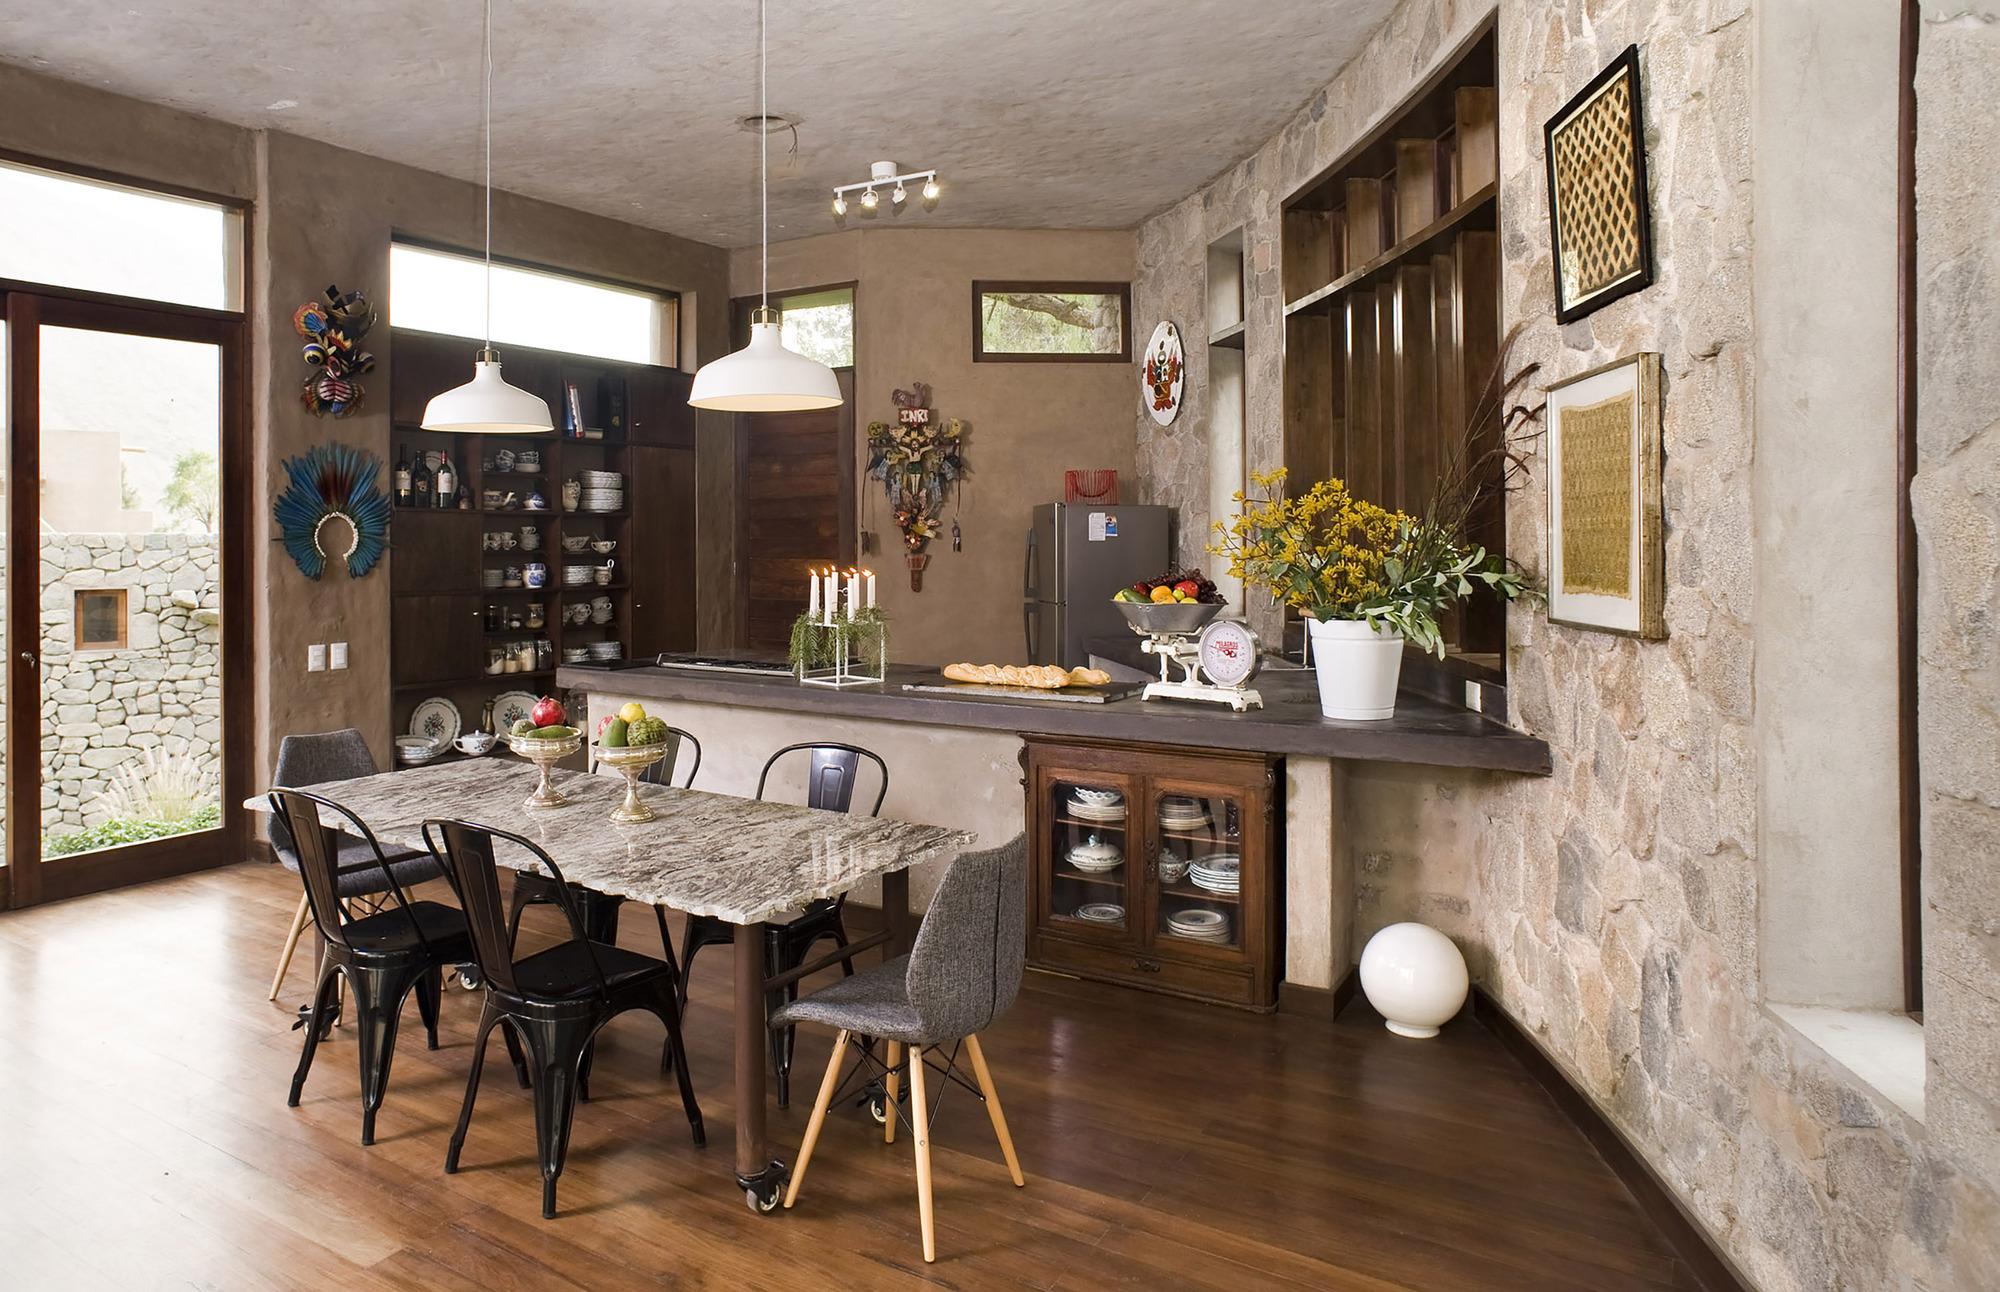 Galeria de casa chontay marina vella arquitectos 11 for Casa y diseno decoraciones